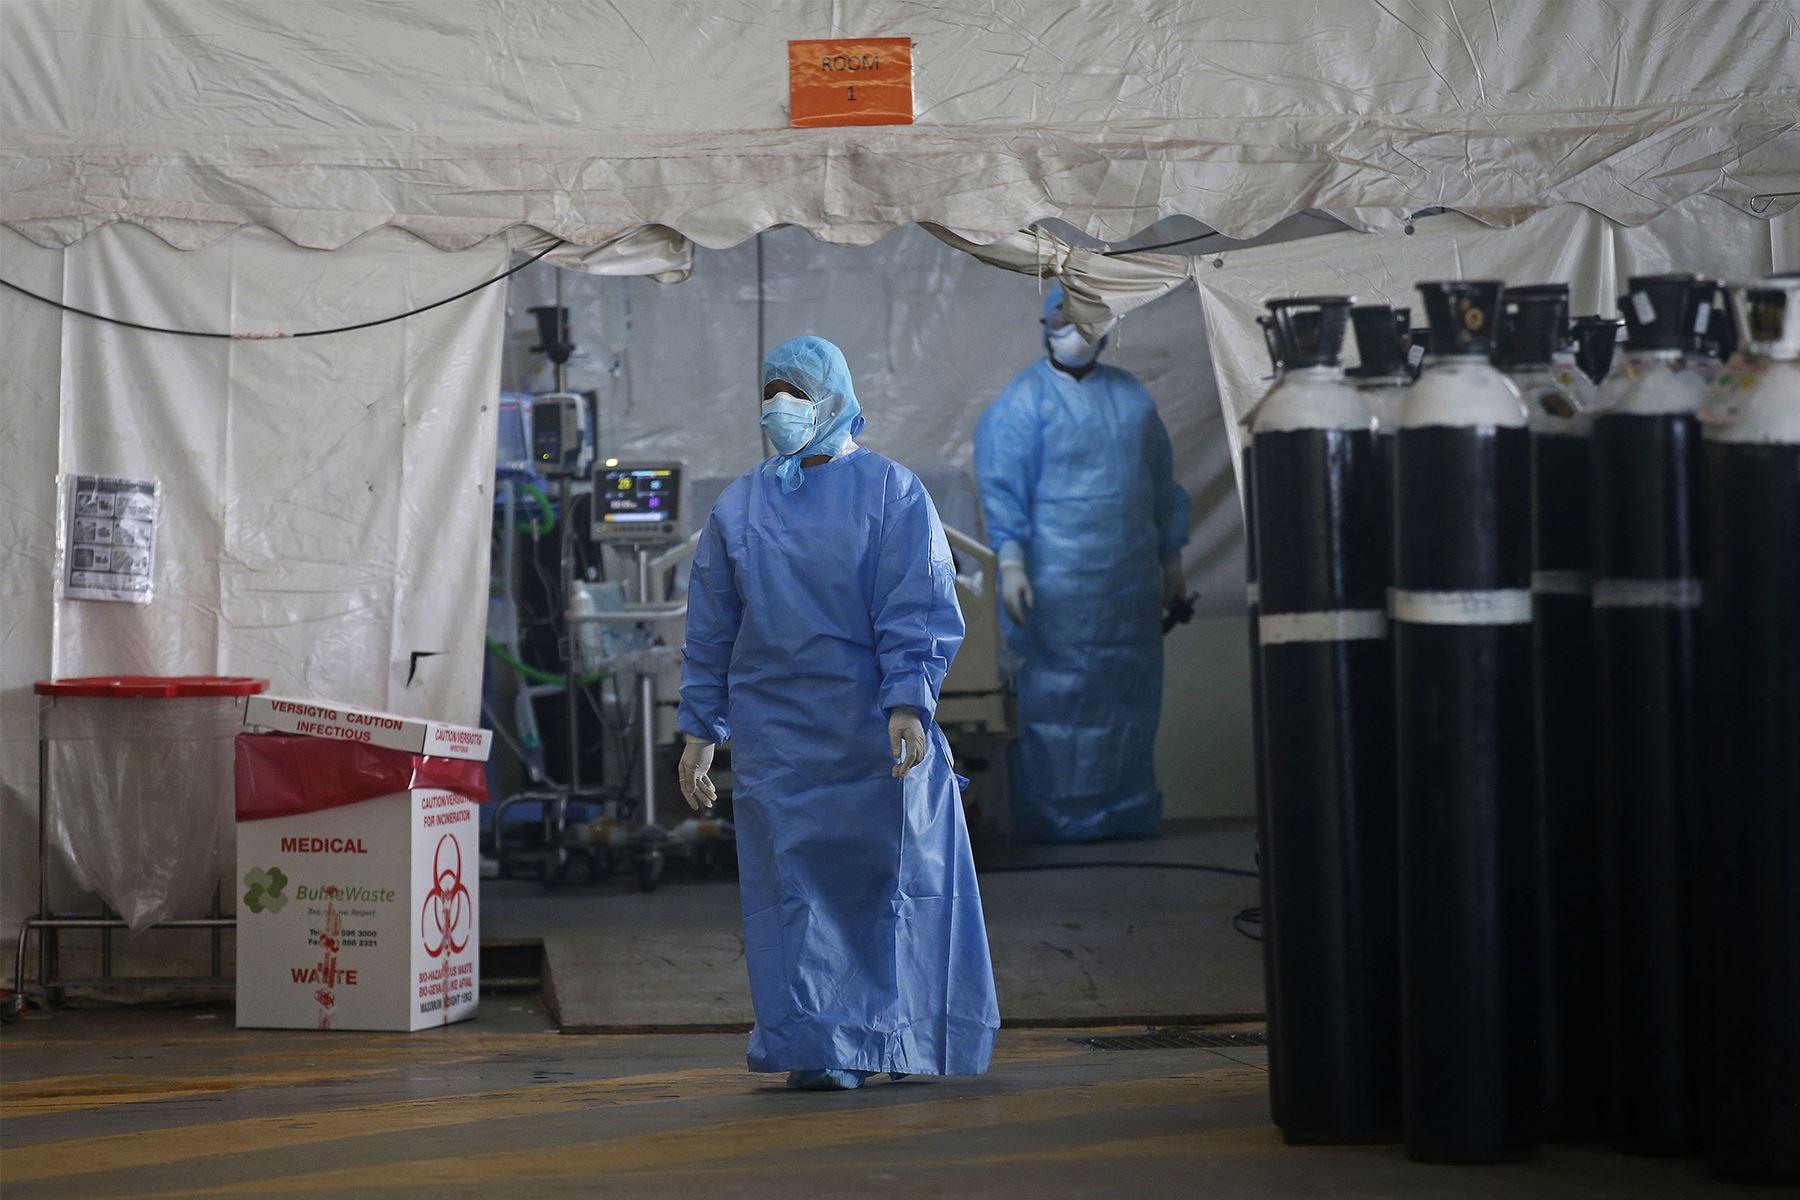 Trabajadores de salud de Sudáfrica atienden a pacientes con Covid-19. Foto: AFP.